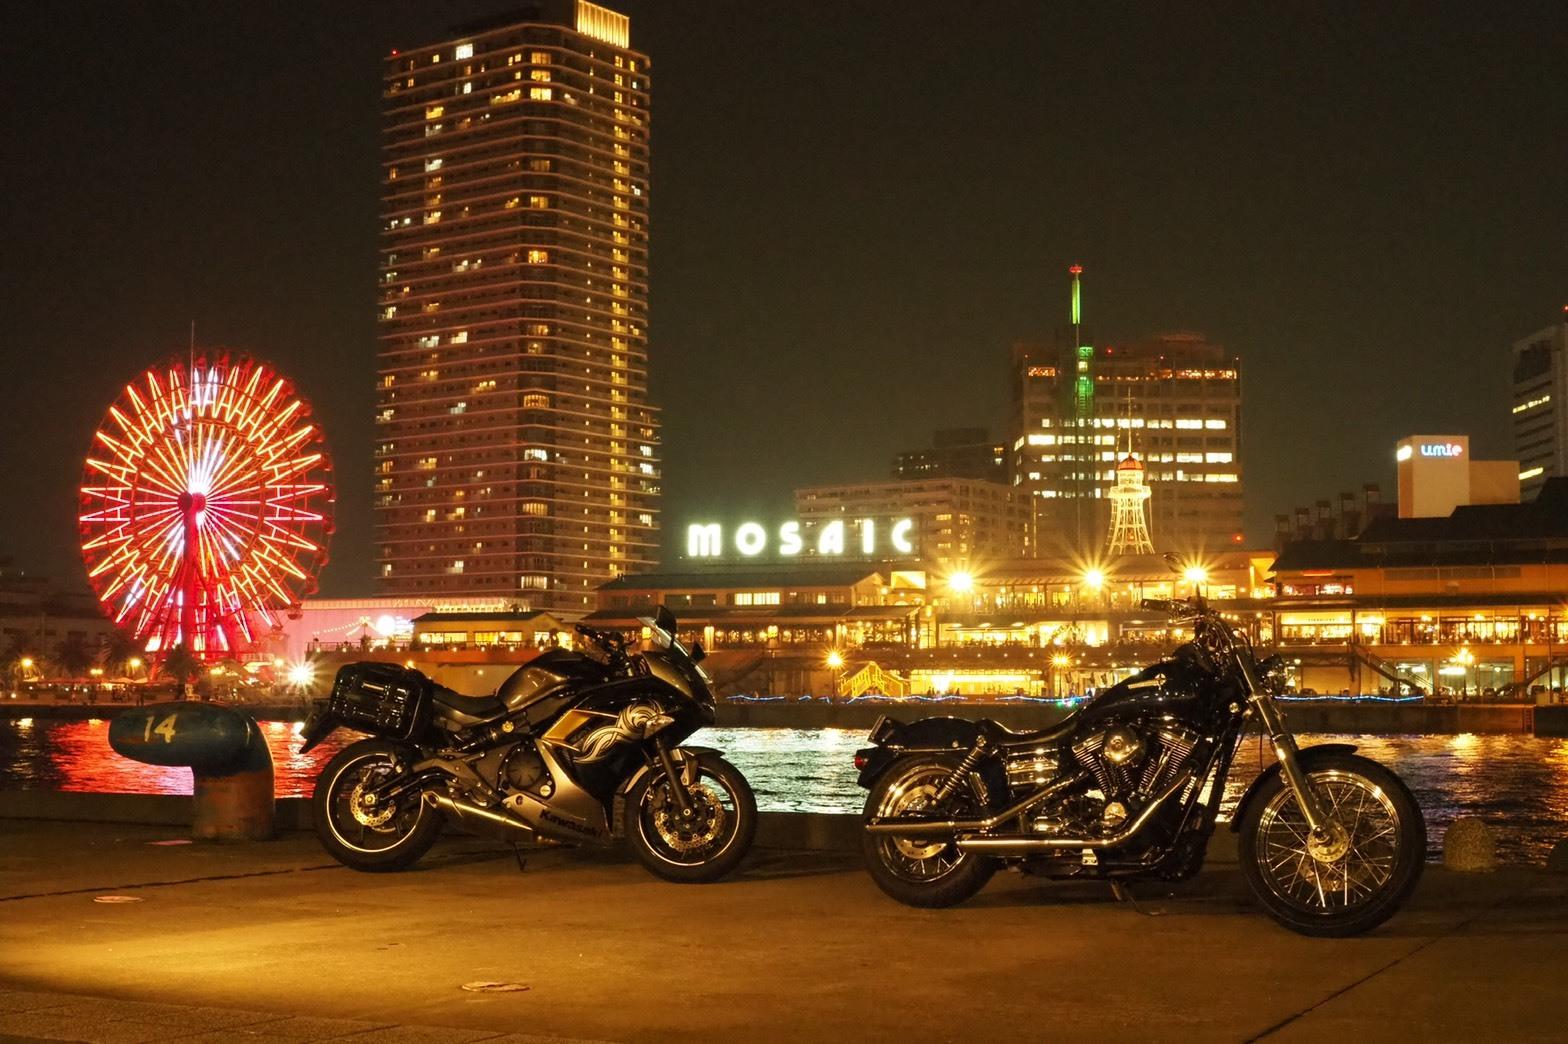 ぴーきちハーレーブログ 神戸ナイトツーリング 夜景撮影 インスタ映え ハーバーランド カワサキニンジャ